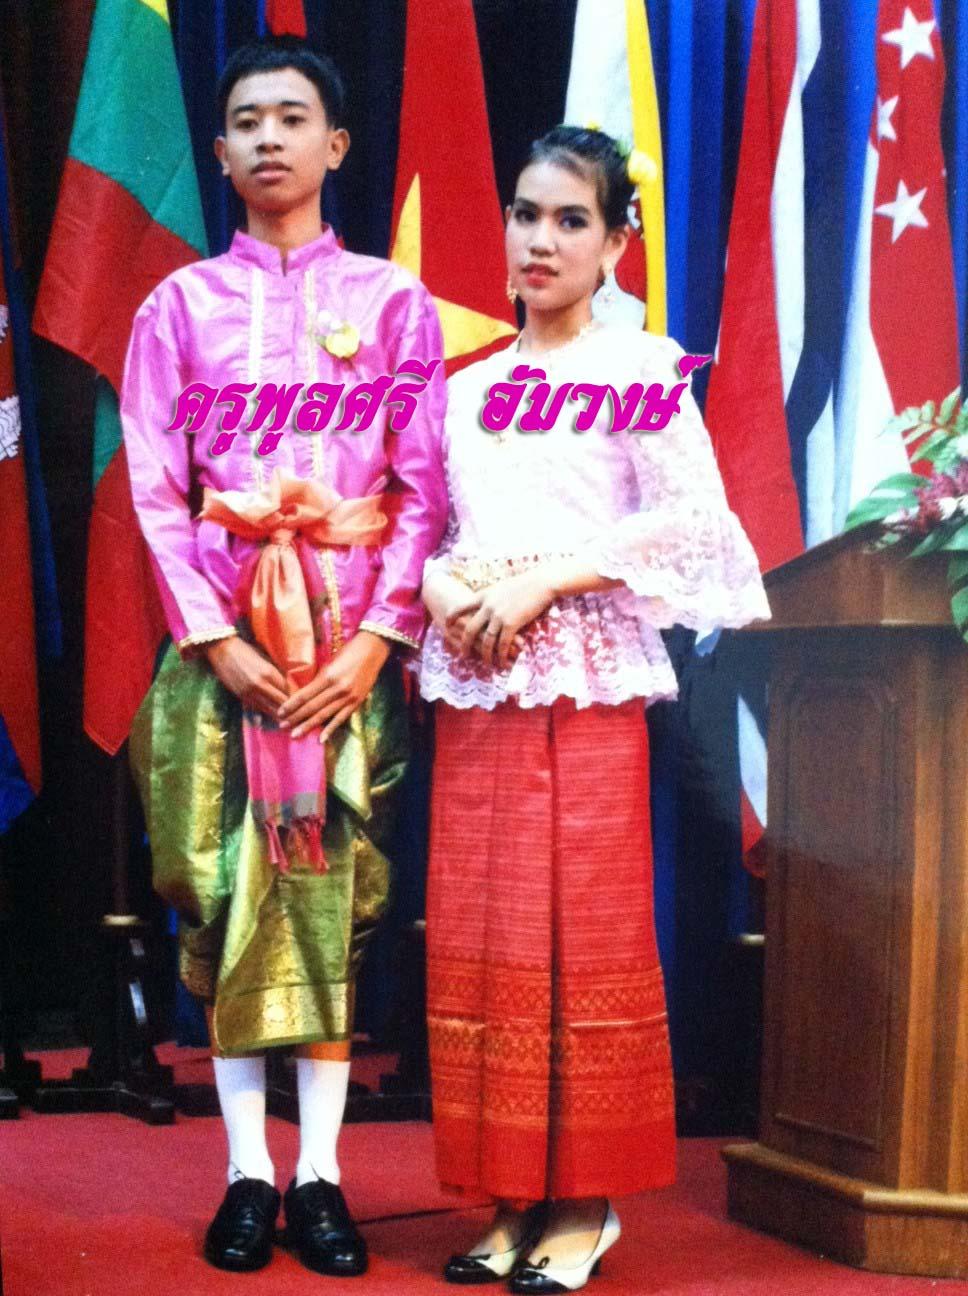 ชุดกัมพูชา ชาย-หญิง 02